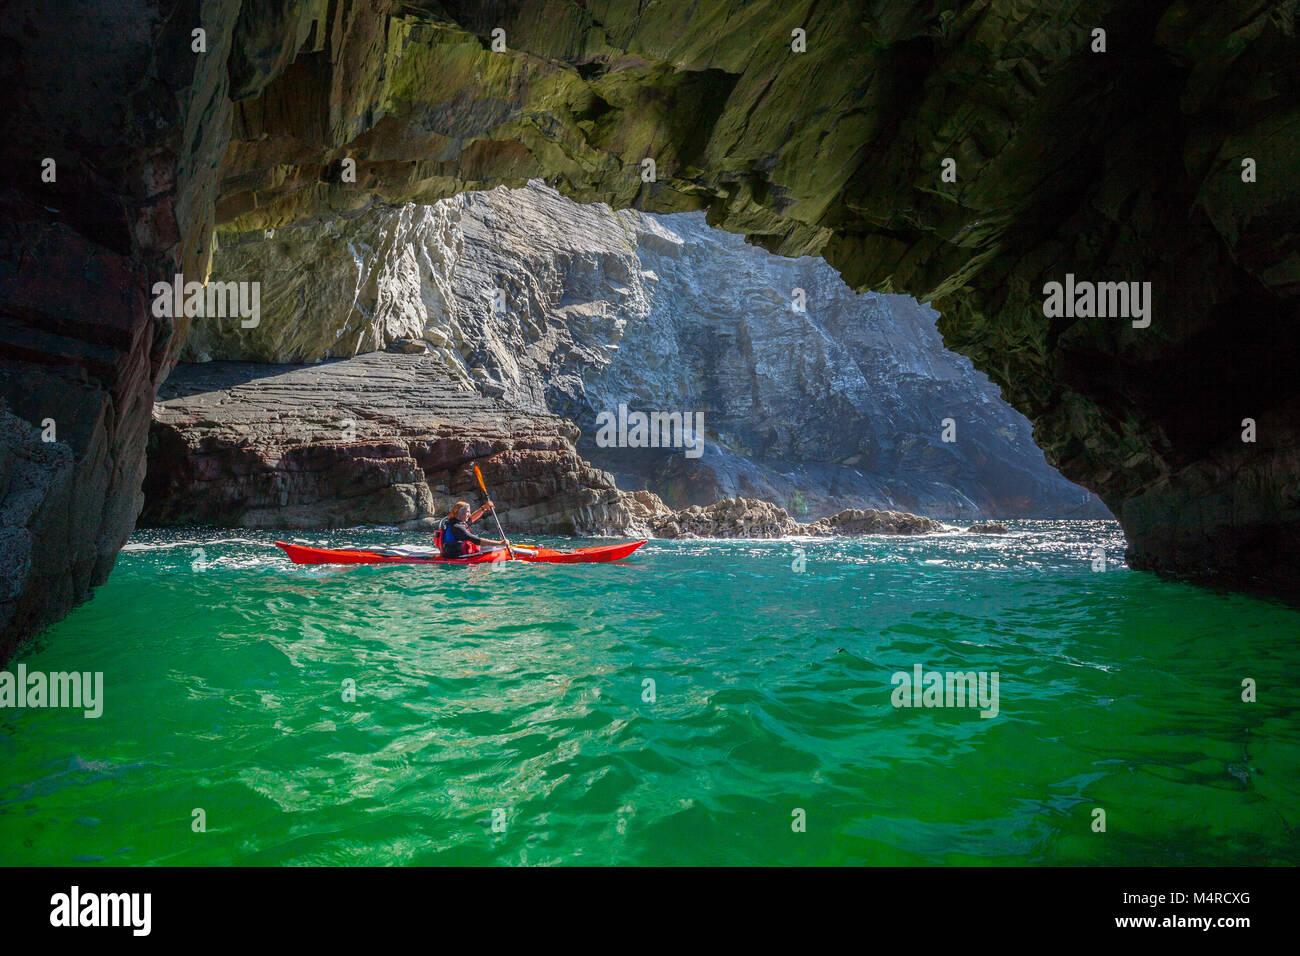 Mar kayakista explorar una cueva cerca de Glencolmcille, Condado de Donegal, Irlanda. Foto de stock